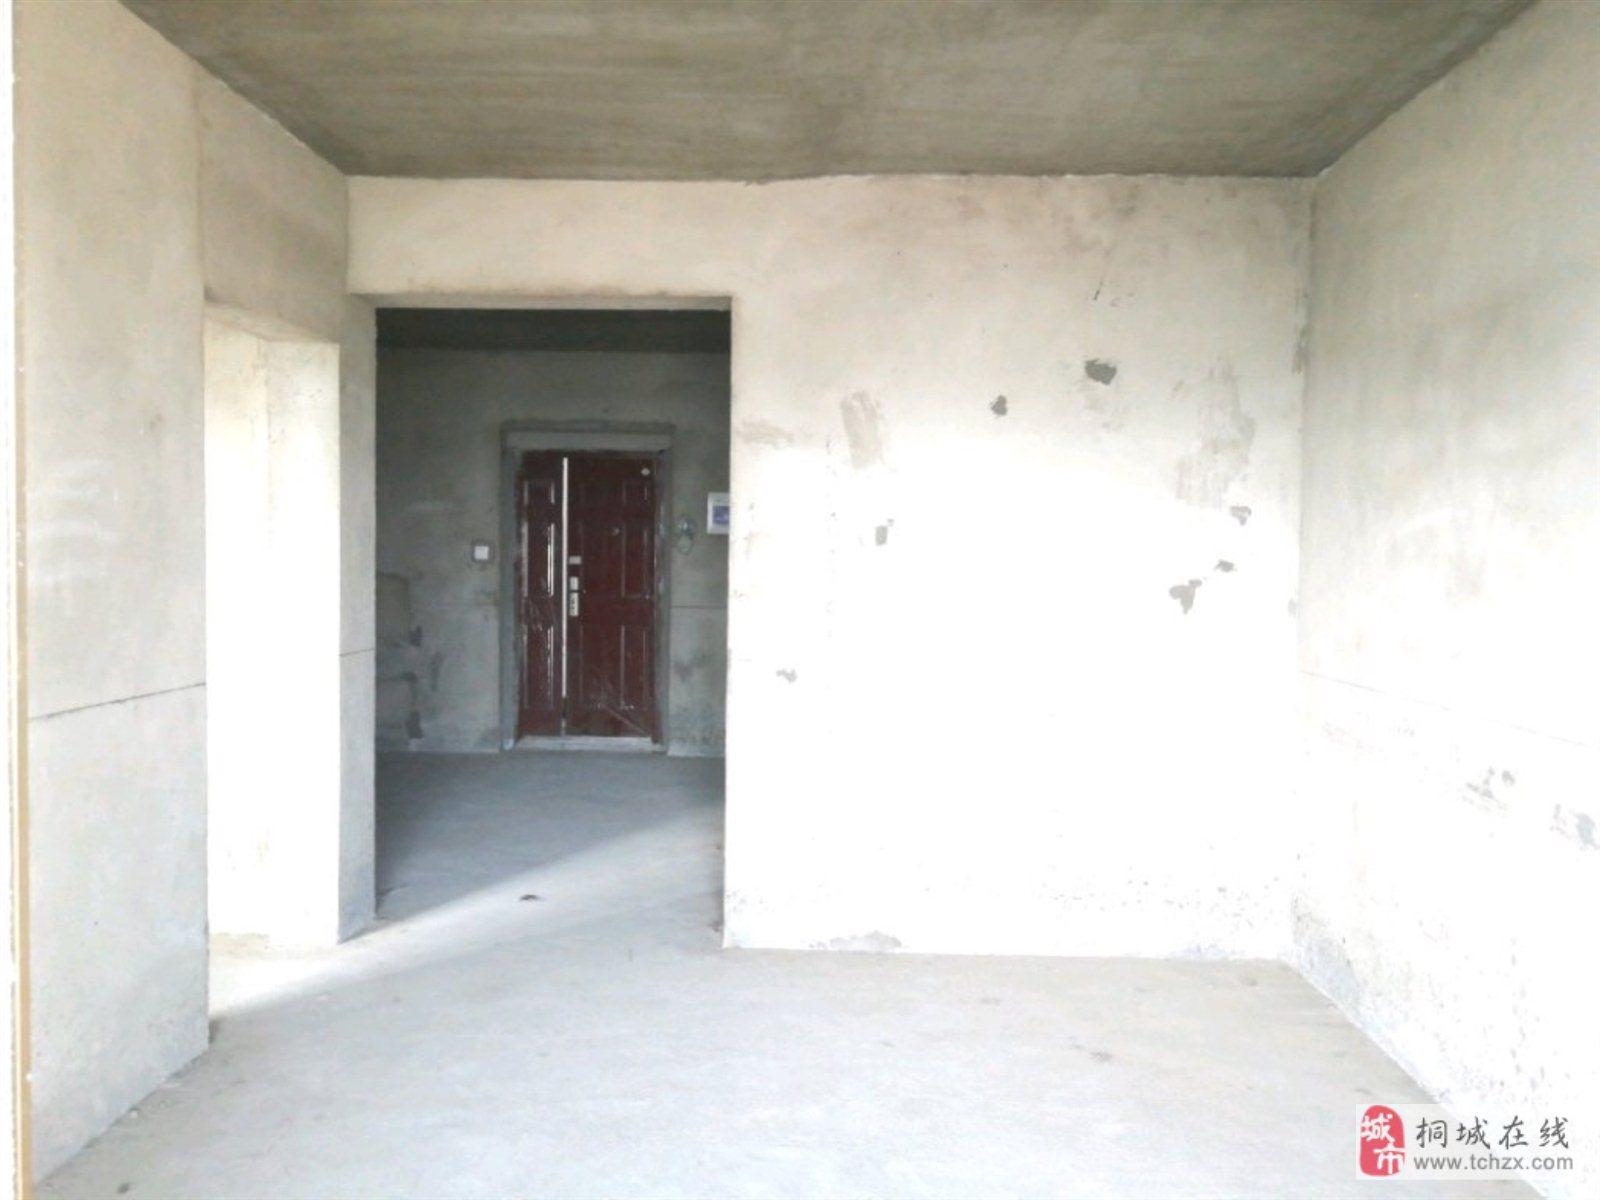 香山公馆2室2厅1卫8442万元价格很好